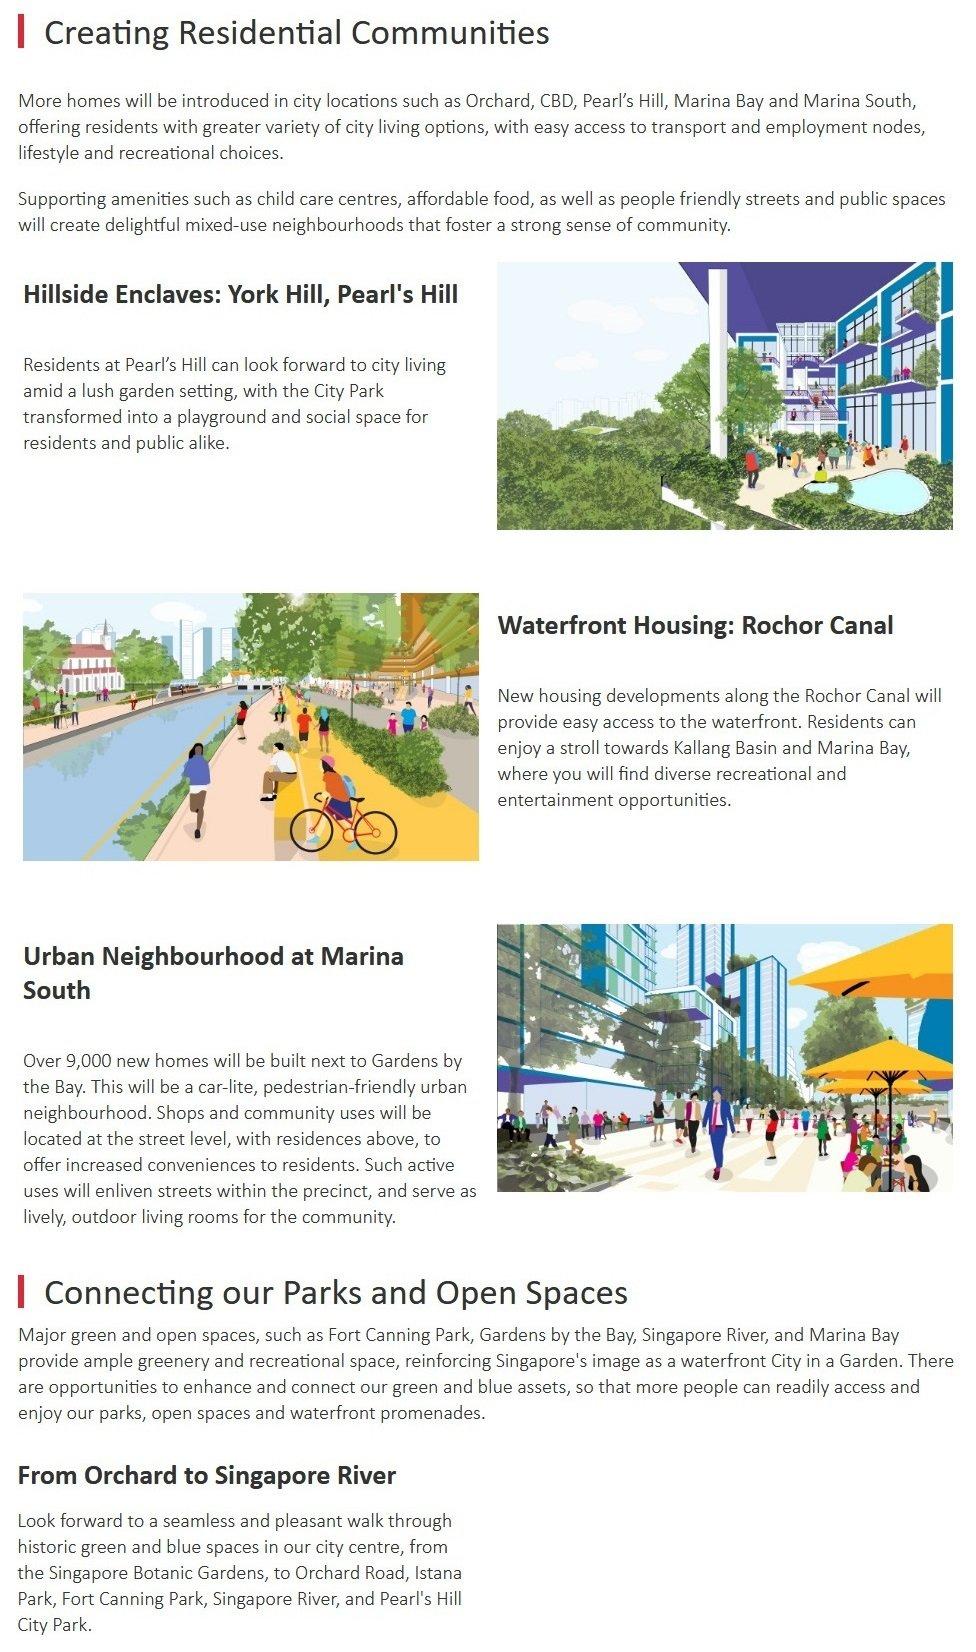 URA Master Plan - Central Region 9